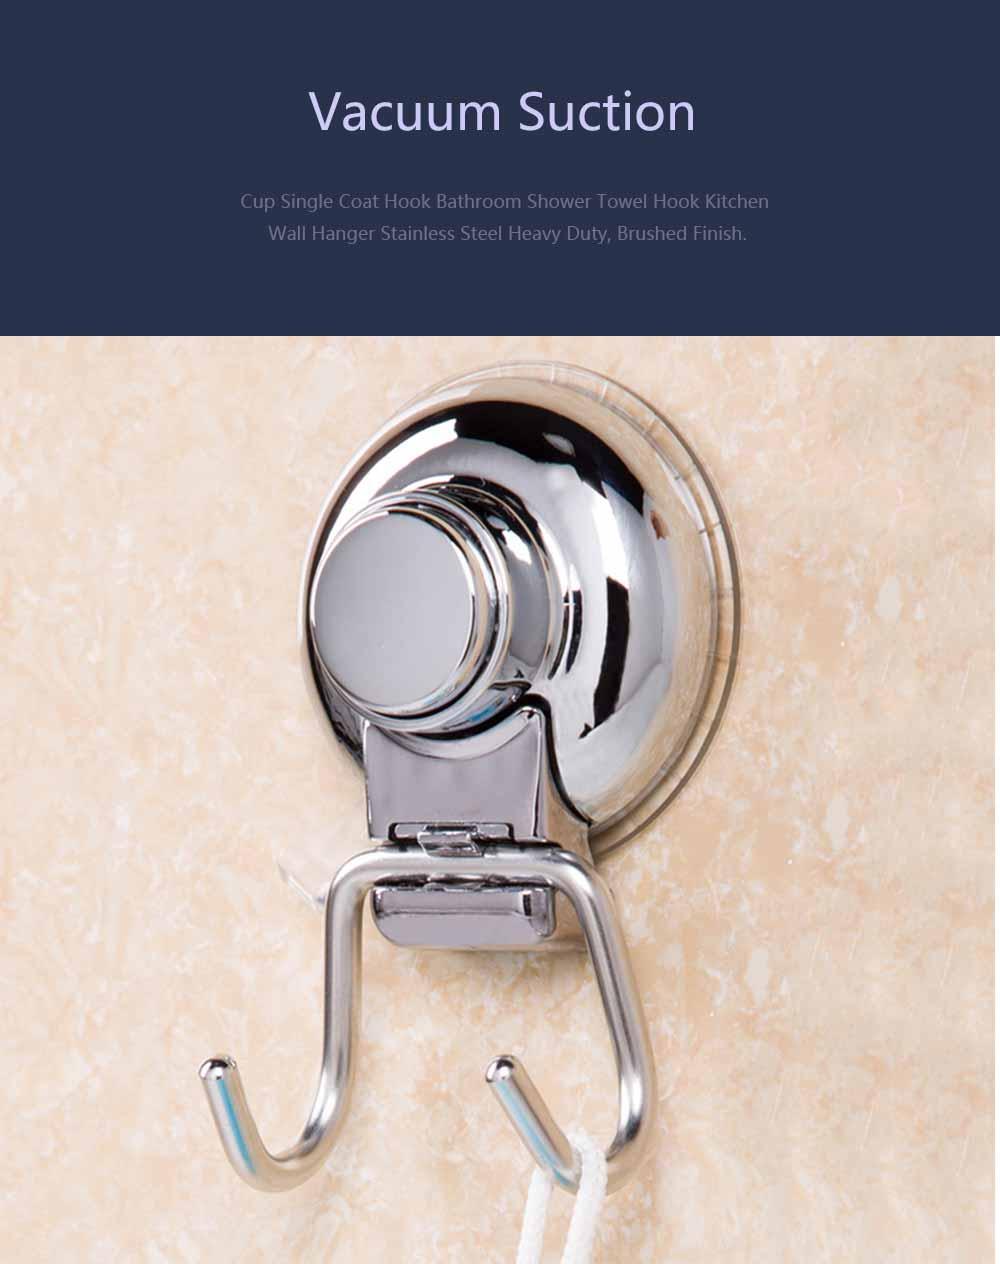 Bathroom Shower Towel Hook, Kitchen Wall Hanger, Stainless Steel Heavy Duty Hook 0